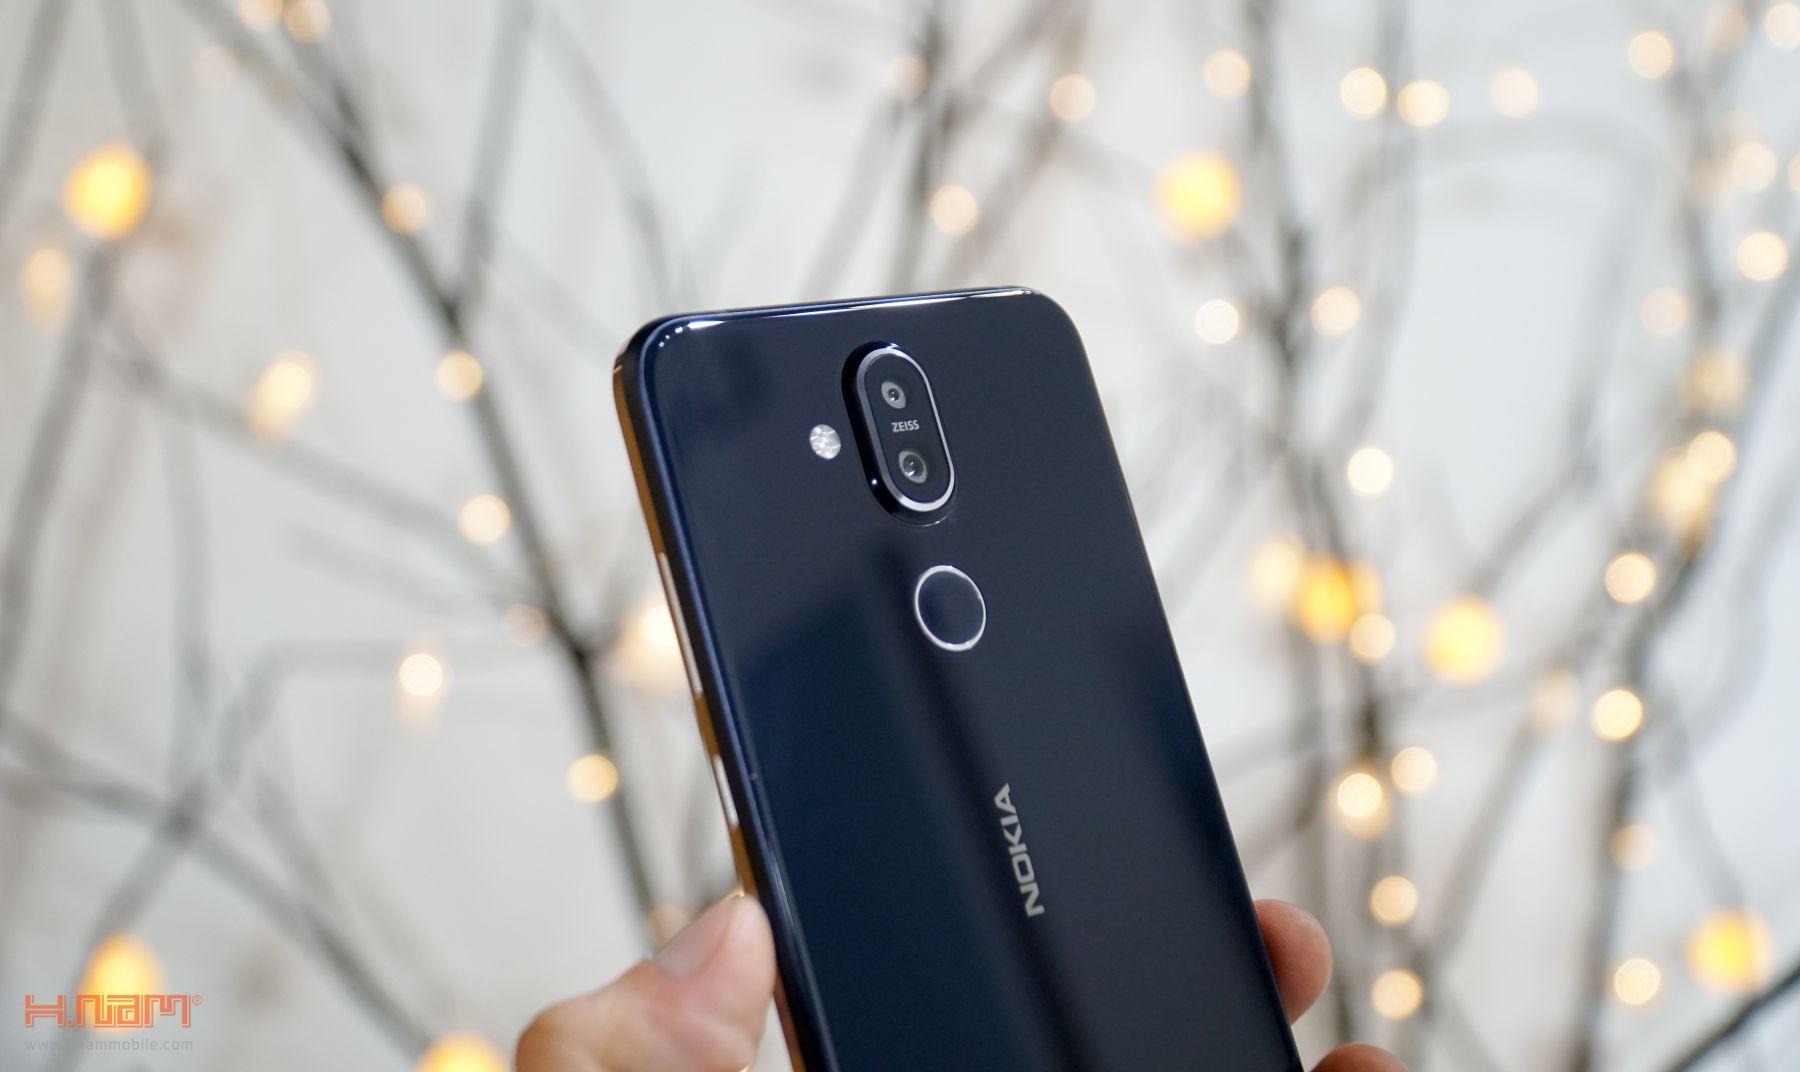 Trên tay Nokia 8.1: thiết kế chắc chắn, Snapdragon 710, Android 9.0 hình 4